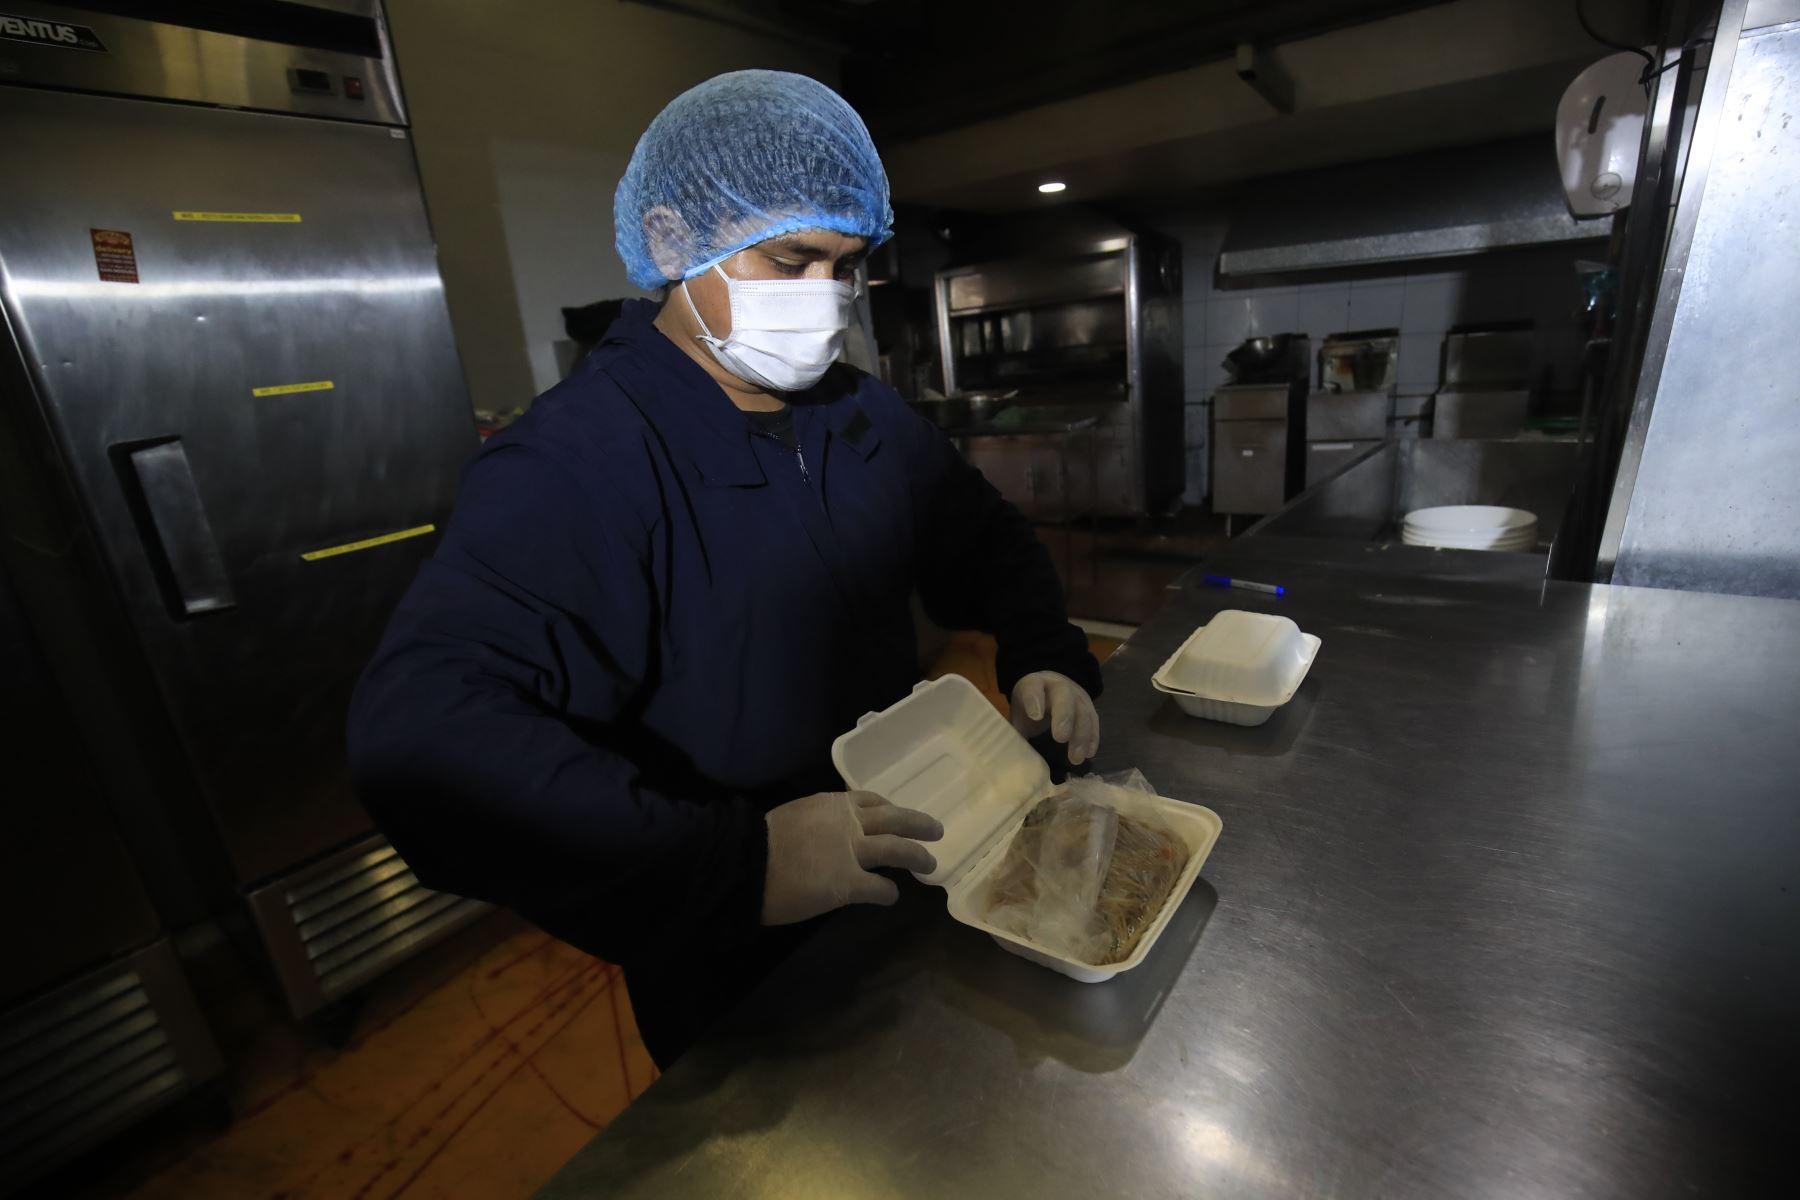 """Restaurant pollería """" Hikari """"  reanuda sus actividades económicas, cuidando los protocolos   sanitarios,  en el marco de la implementación de la fase 3 mediante el Decreto Supremo 117-2020-PCM  promulgada  para combatir el covid – 19. Foto: ANDINA/Juan Carlos Guzmán"""